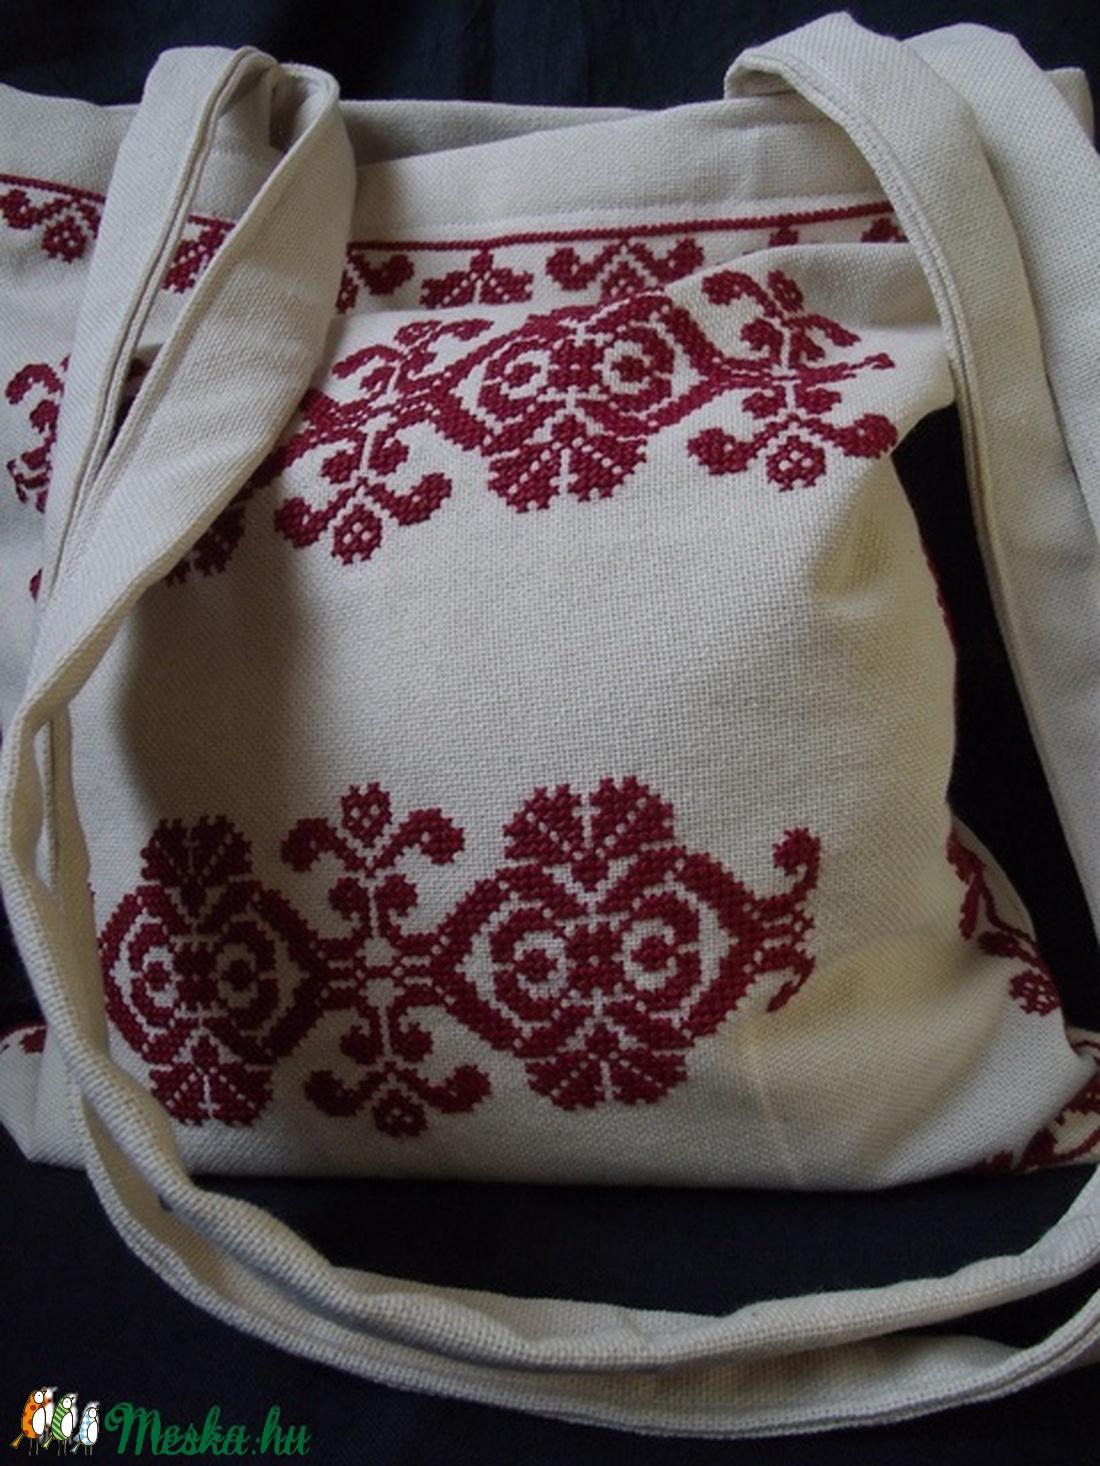 48476ad6bd ... Gyönyörű beregi keresztszemes hímzéssel díszített táska (pentlinus) -  Meska.hu